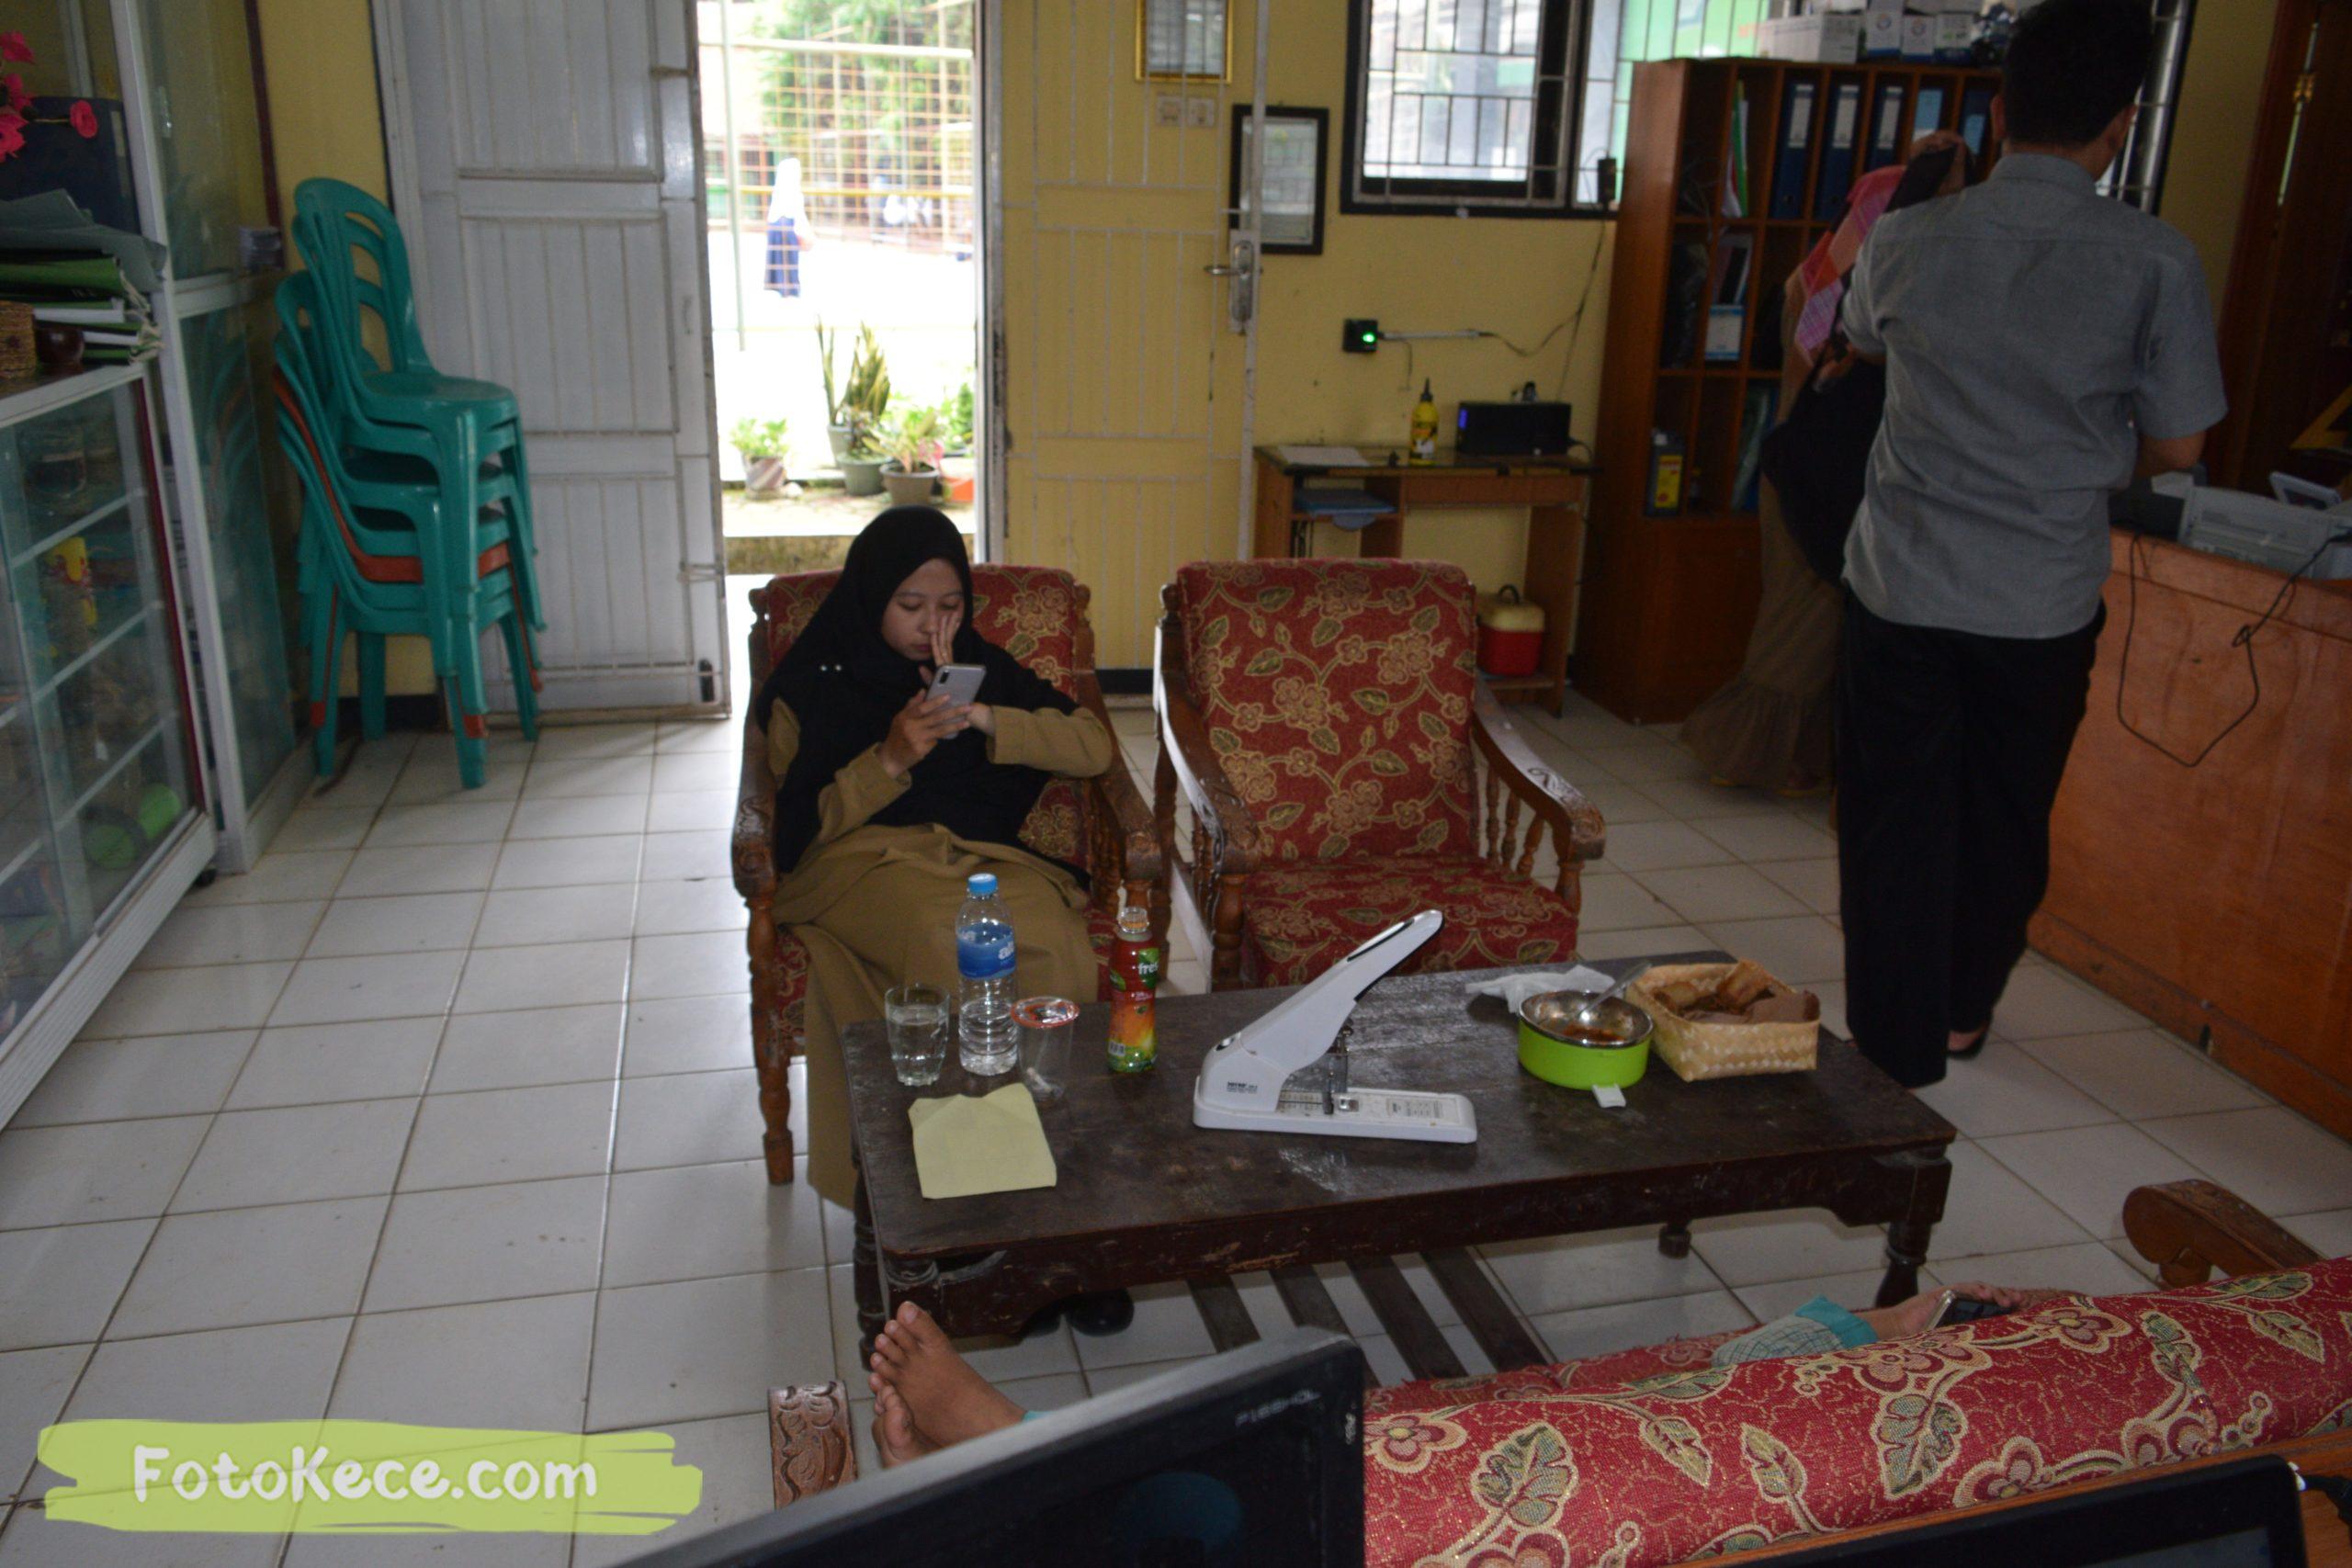 dini santai di ruang guru 04022020 foto kece 1 scaled